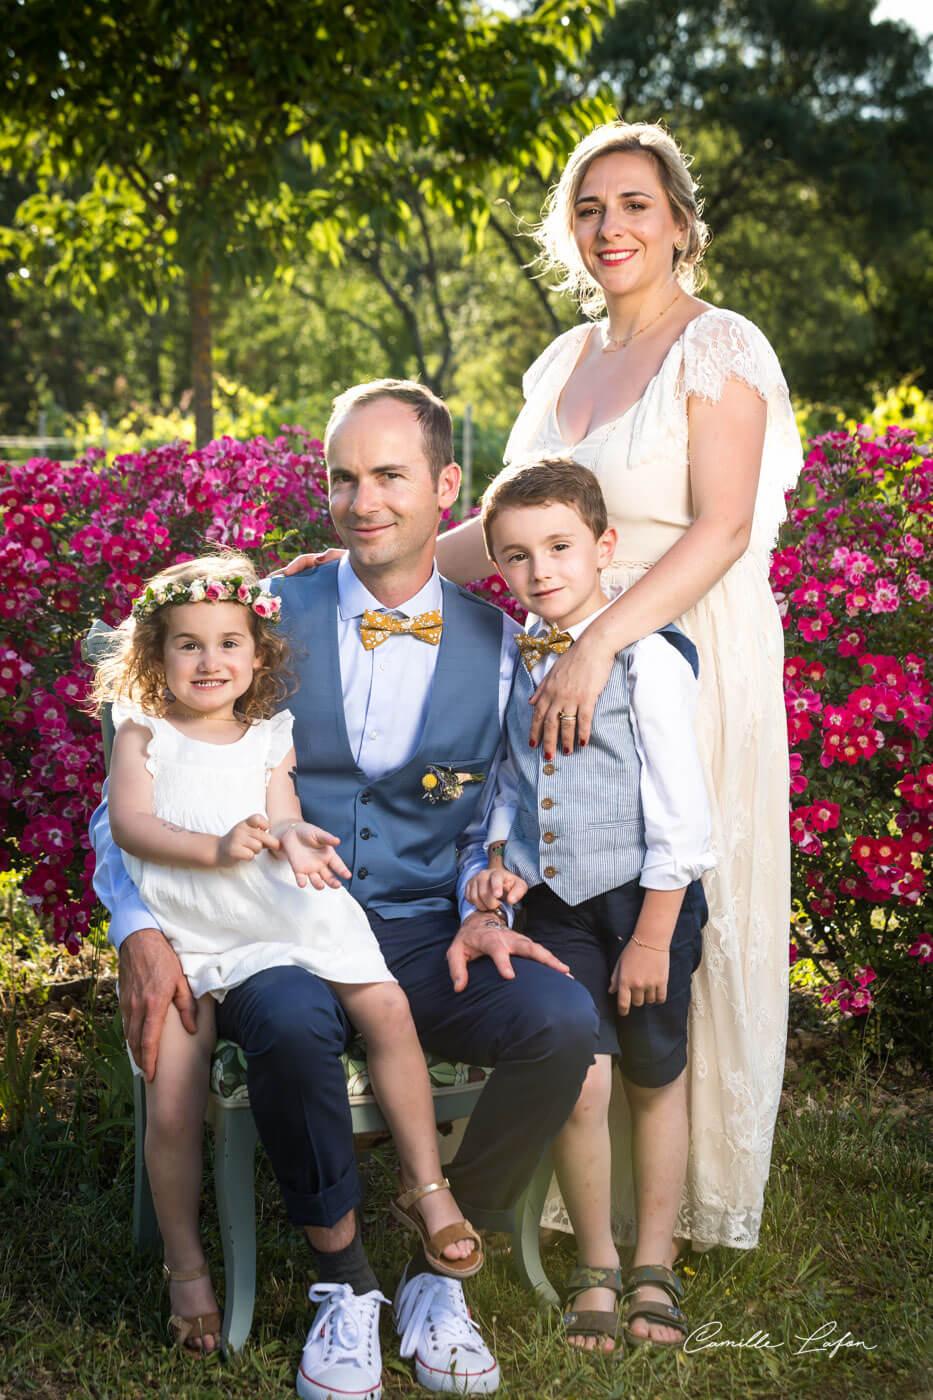 photographe mariage montpellier mas pradines